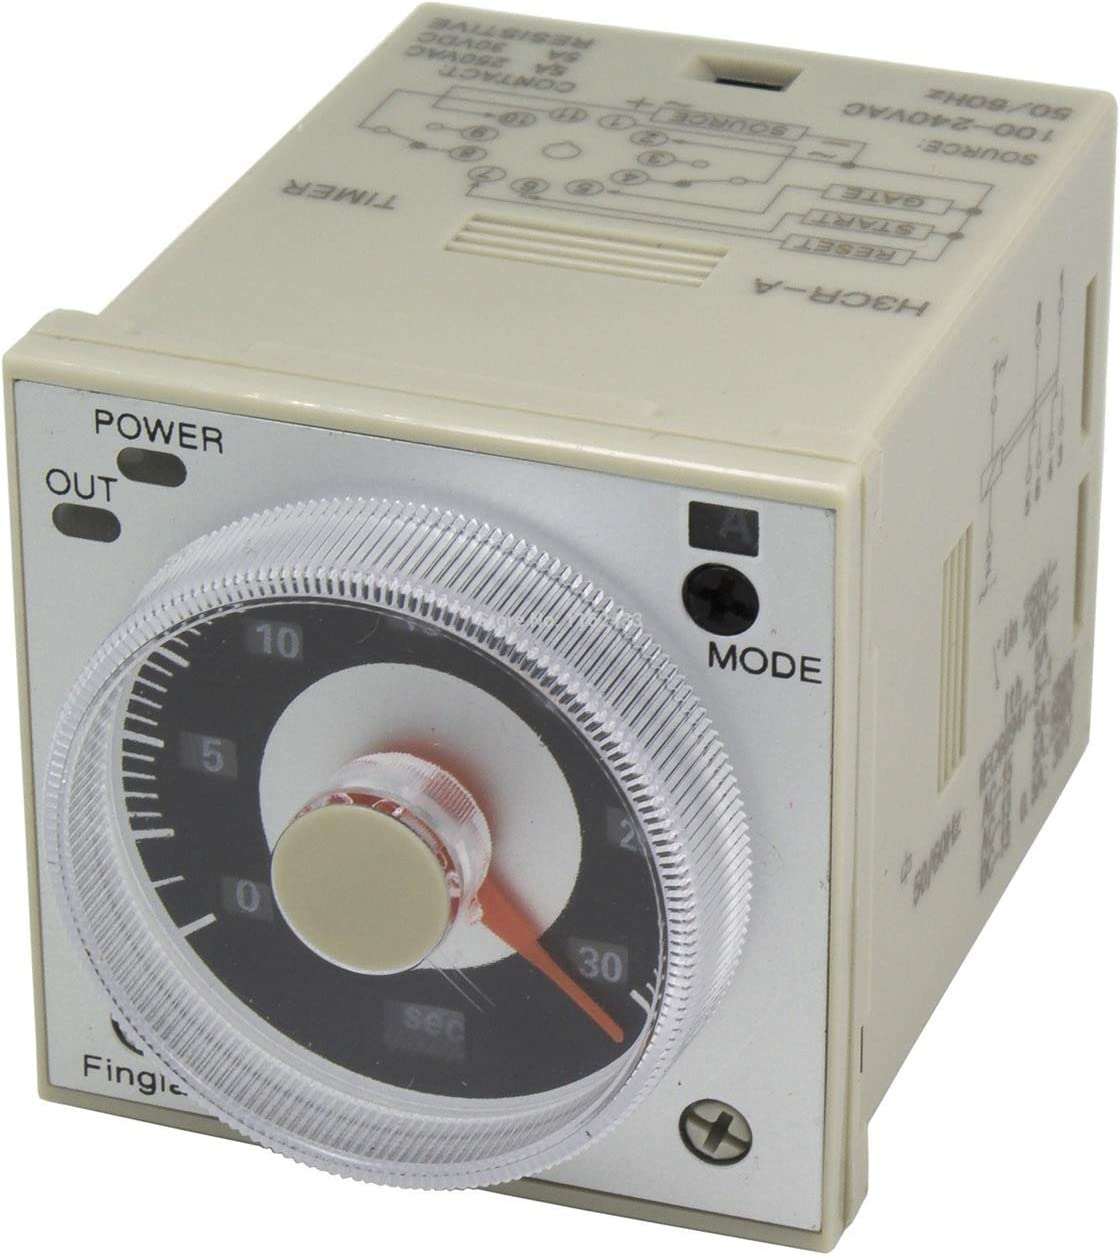 JSJJARF Relé H3CR-A 11 Pin Time Relay H3CR Serie Temporizador de retardo AC 100-240V DC 24V 12V (Size : 24VDC)